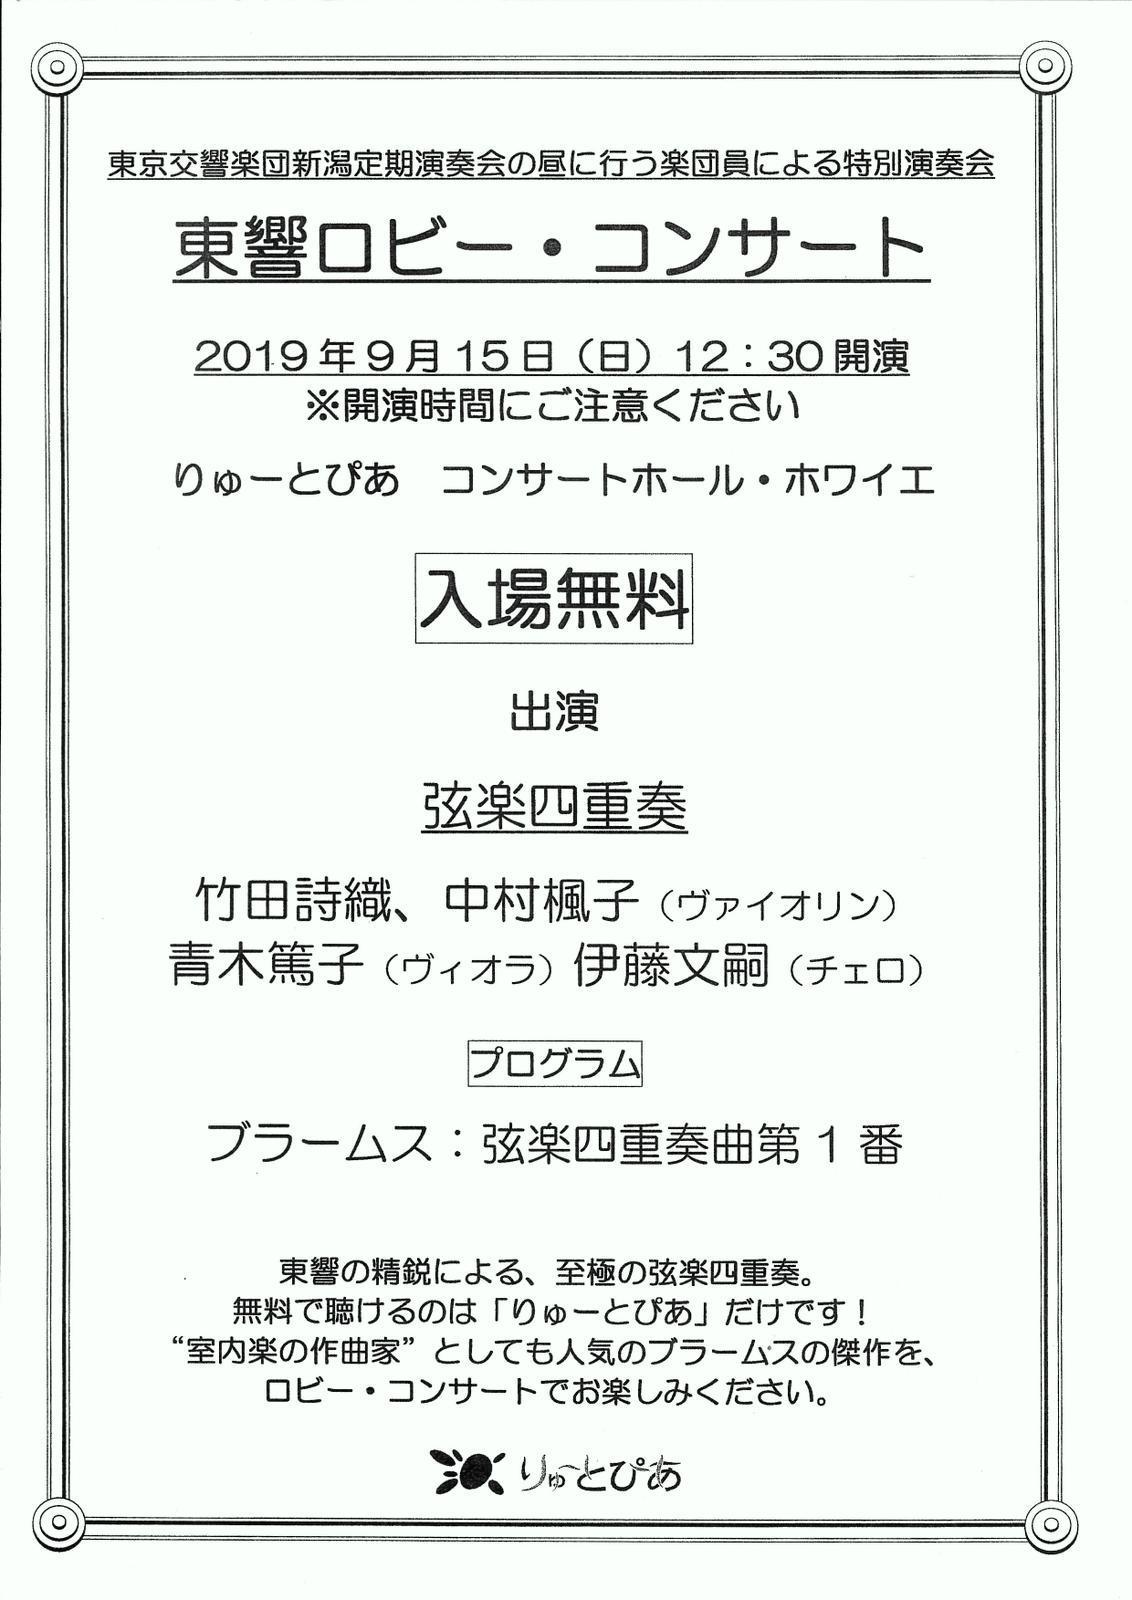 来季の東京交響楽団さんの新潟公演発表。_e0046190_17245303.jpg